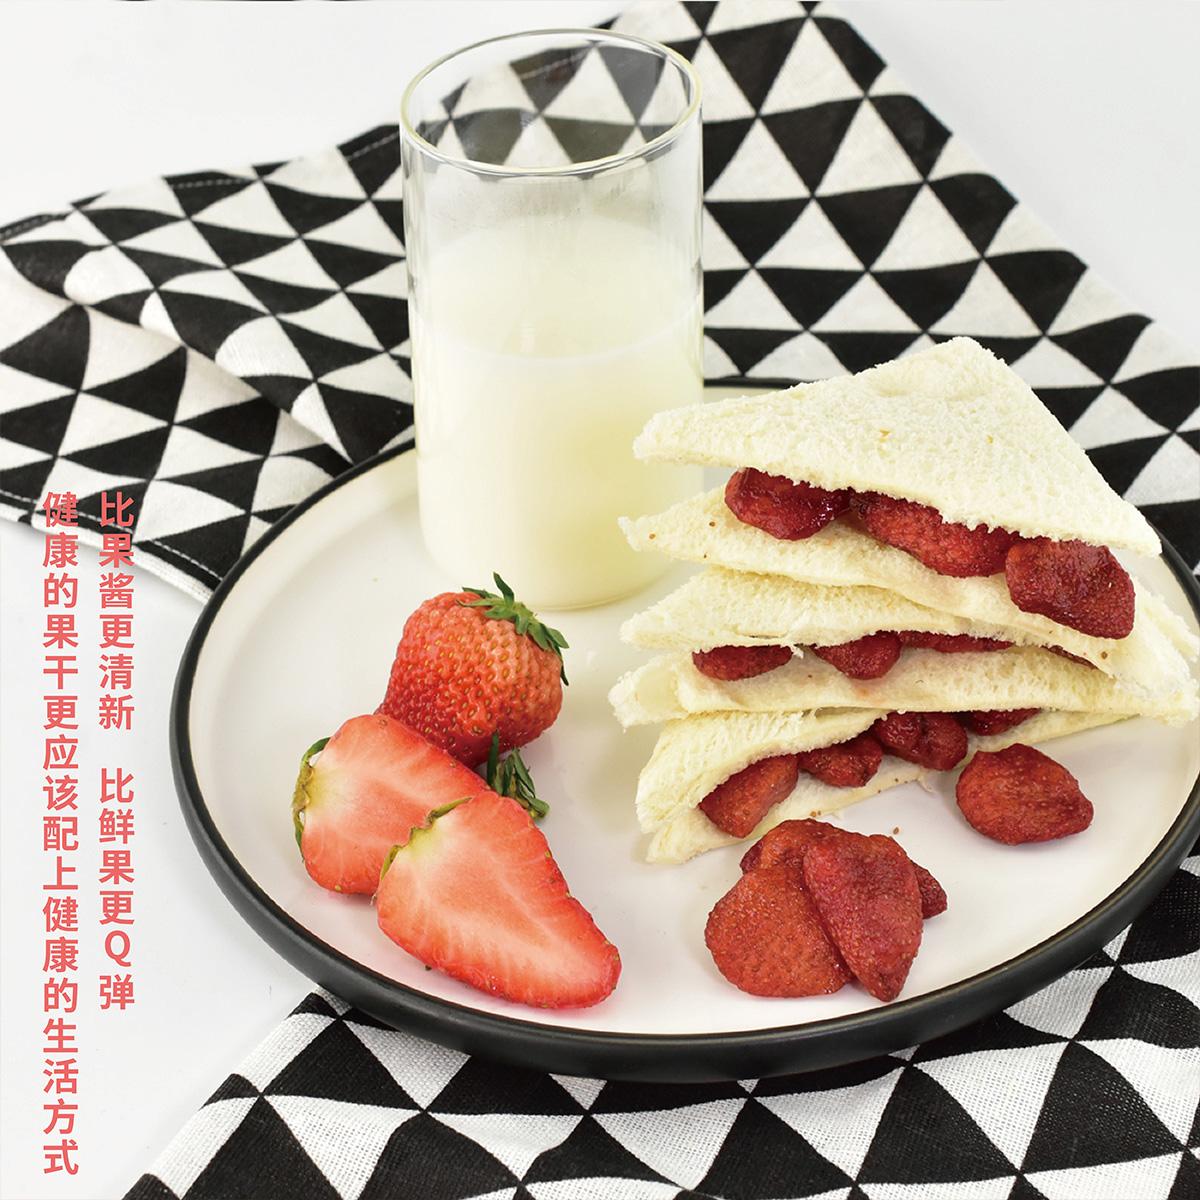 怪兽十叁 鲜制冰糖草莓干 无添加草莓脆 更新鲜更健康 3袋优惠装